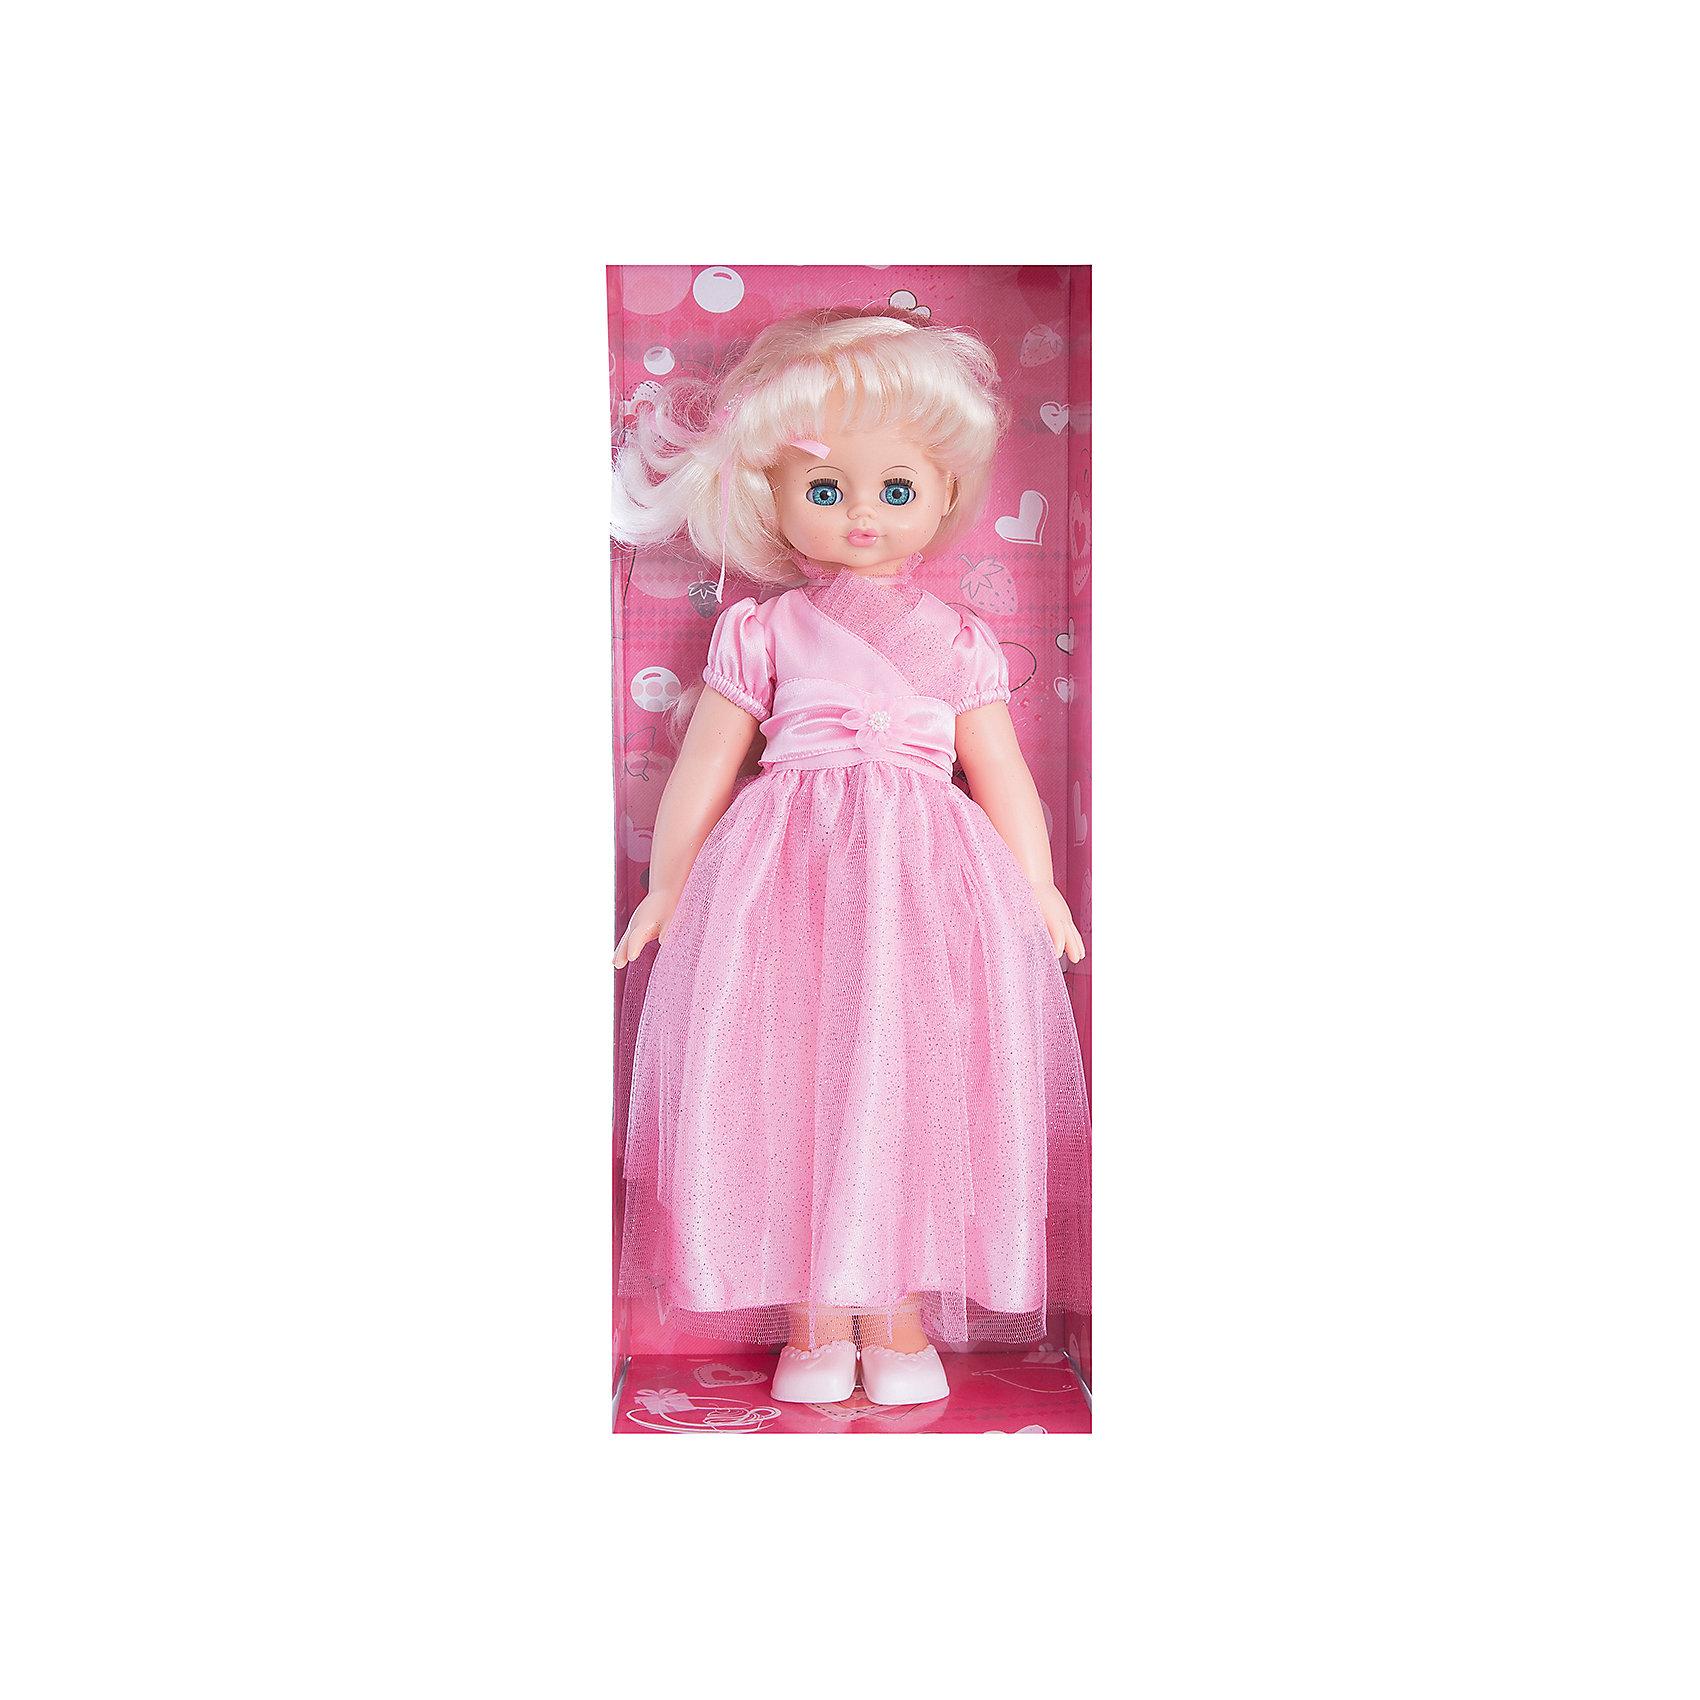 Кукла Алиса 17, со звуком, ВеснаБренды кукол<br>Какая девочка не любит кукол?! Кукла для девочки - это не только игрушка, с которой можно весело провести время, кукла - это возможность отрабатывать навыки поведения в обществе, учиться заботе о других, делать прически и одеваться согласно моде и поводу.<br>Эта красивая классическая кукла не только эффектно выглядит, она дополнена звуковым модулем! Игрушка модно одета и снабжена аксессуарами. Такая кукла запросто может стать самой любимой игрушкой! Произведена из безопасных для ребенка и качественных материалов.<br><br>Дополнительная информация:<br><br>цвет: разноцветный;<br>материал: пластик, текстиль;<br>комплектация: кукла, одежда;<br>высота: 55 см.<br><br>Куклу Алиса 17, со звуком, от компании Весна можно купить в нашем магазине.<br><br>Ширина мм: 590<br>Глубина мм: 240<br>Высота мм: 150<br>Вес г: 730<br>Возраст от месяцев: 36<br>Возраст до месяцев: 120<br>Пол: Женский<br>Возраст: Детский<br>SKU: 4642033